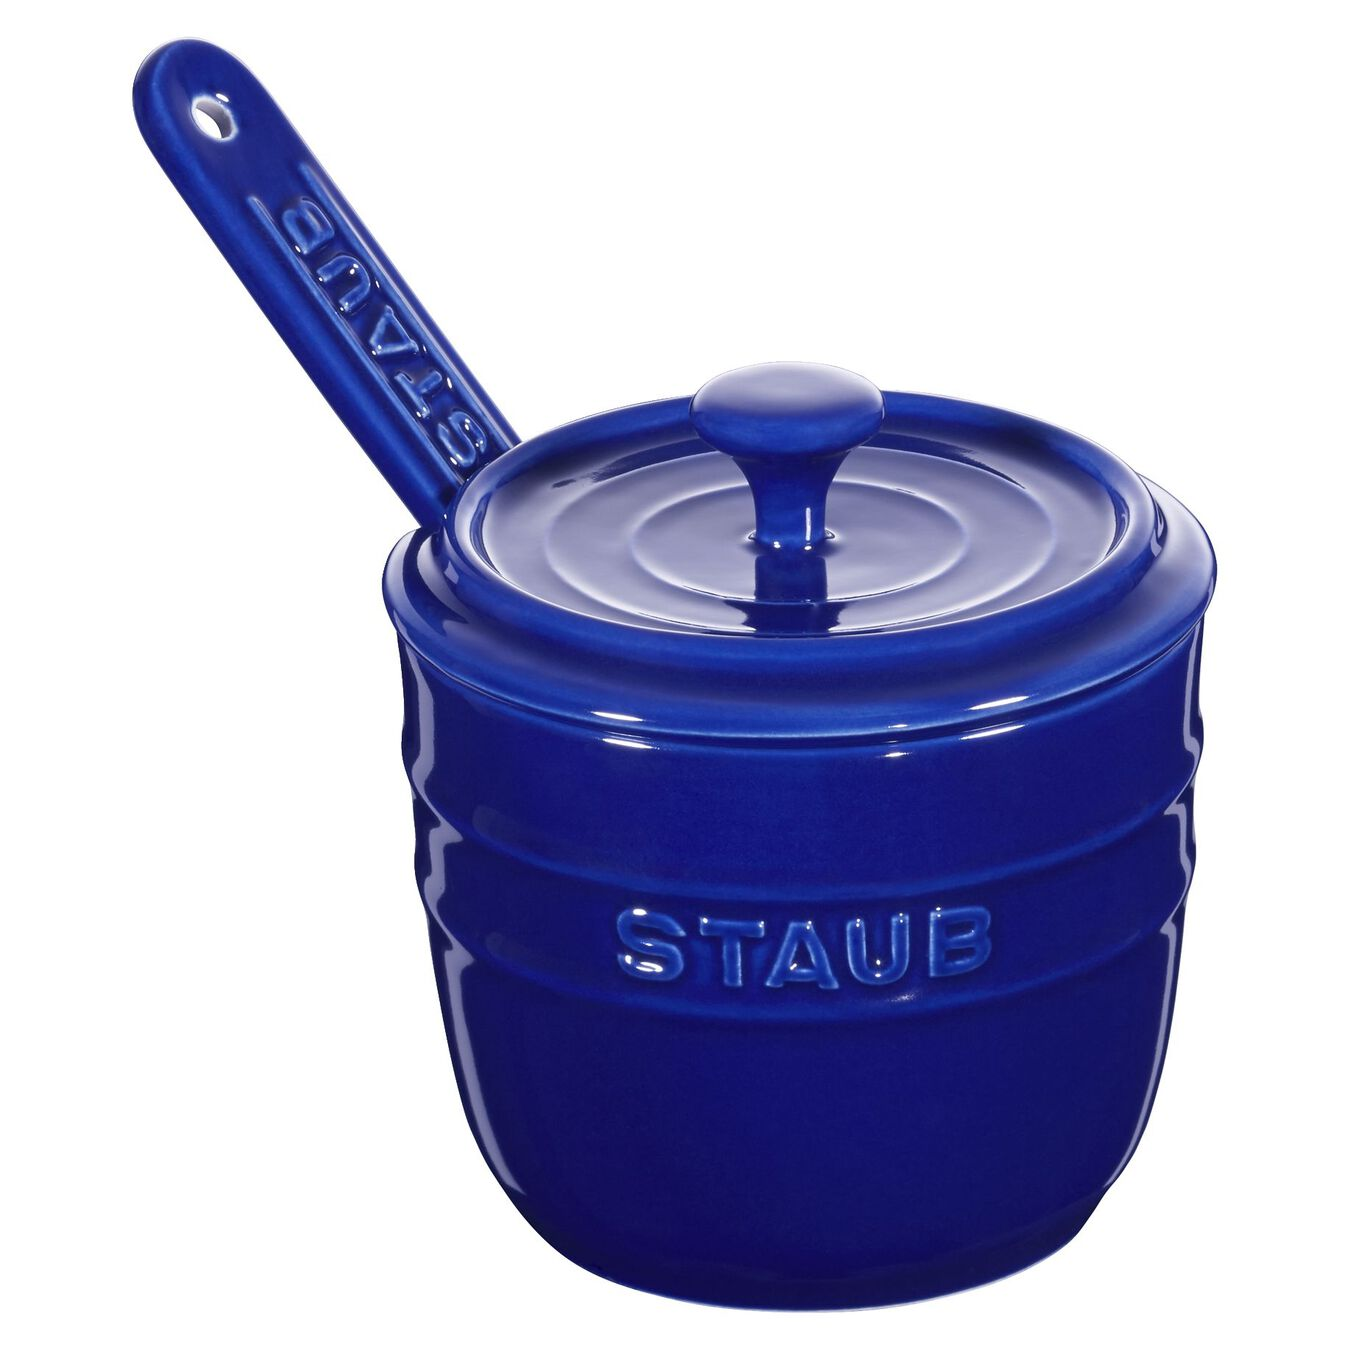 Zuccheriera con cucchiaino rotonda - 9 cm, blu scuro,,large 1